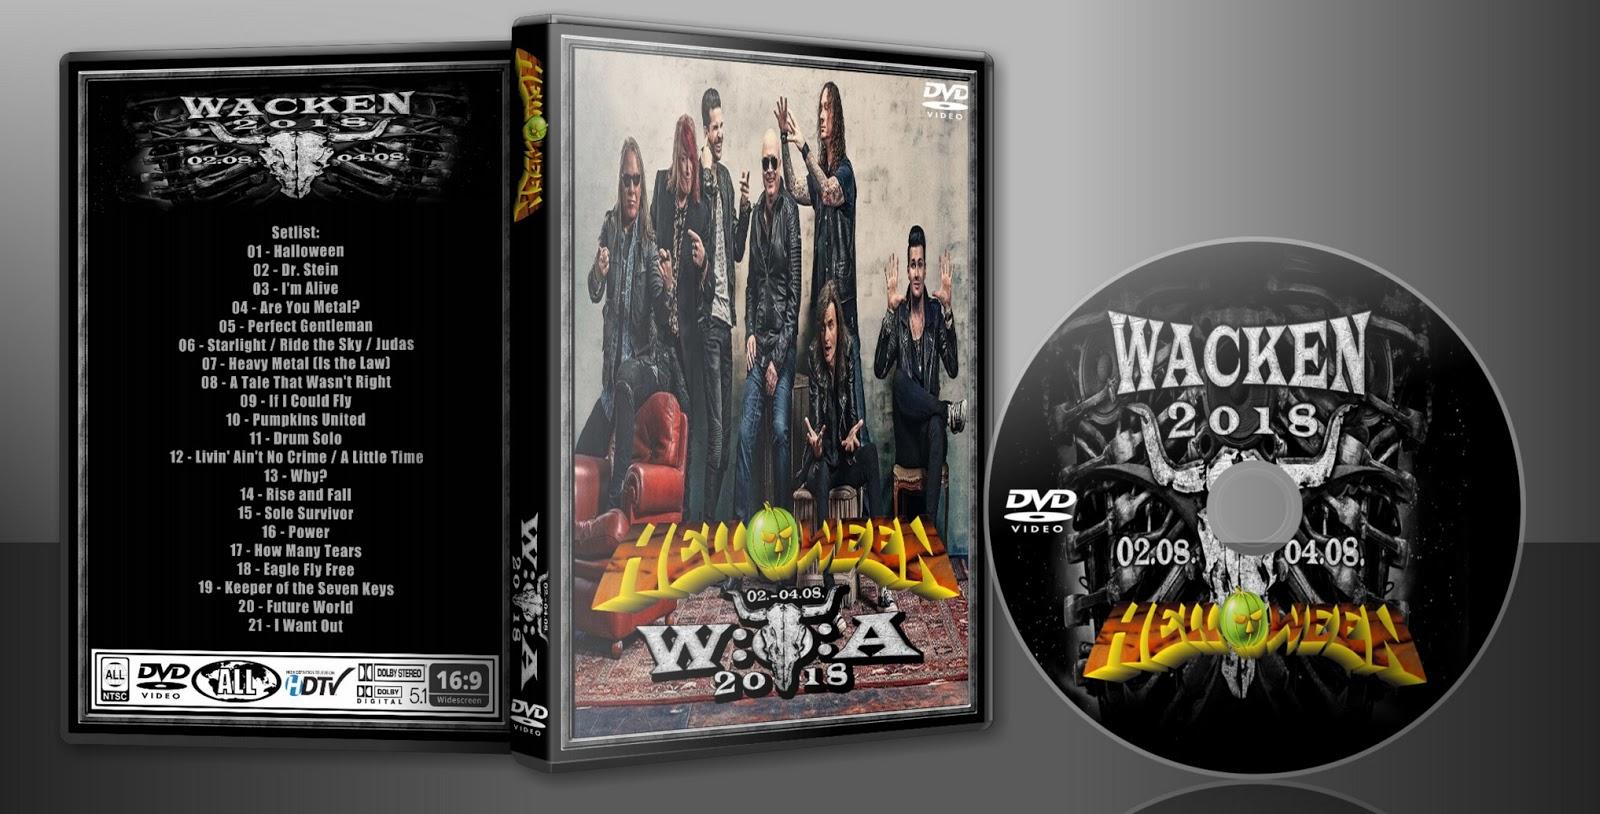 DOWNLOAD GRÁTIS AIR SCORPIONS DVD WACKEN AT OPEN LIVE 2006